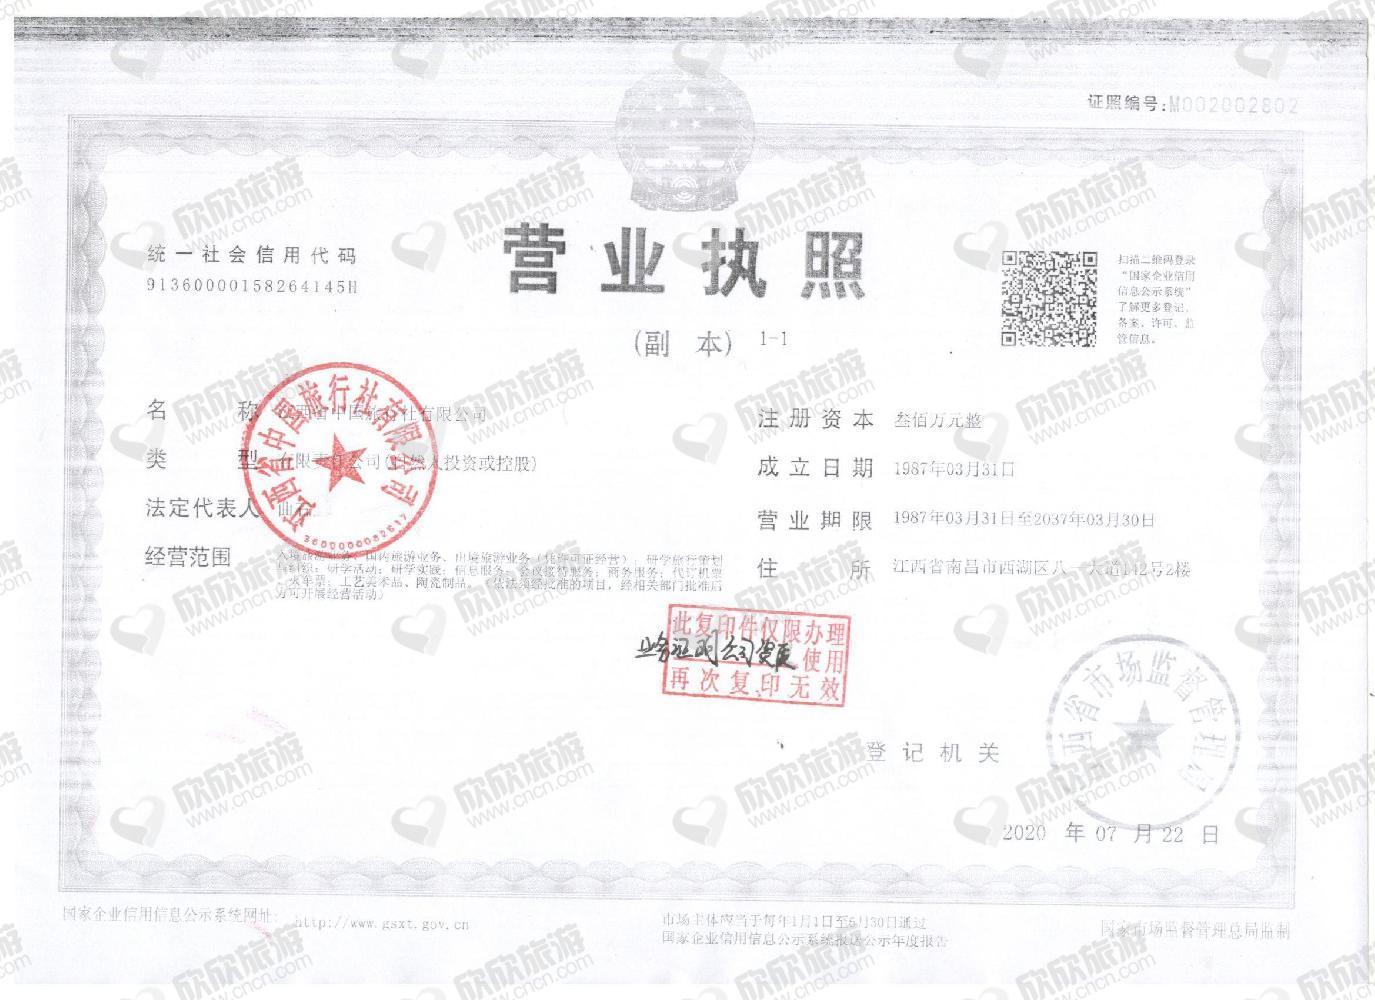 江西省中国旅行社有限公司营业执照